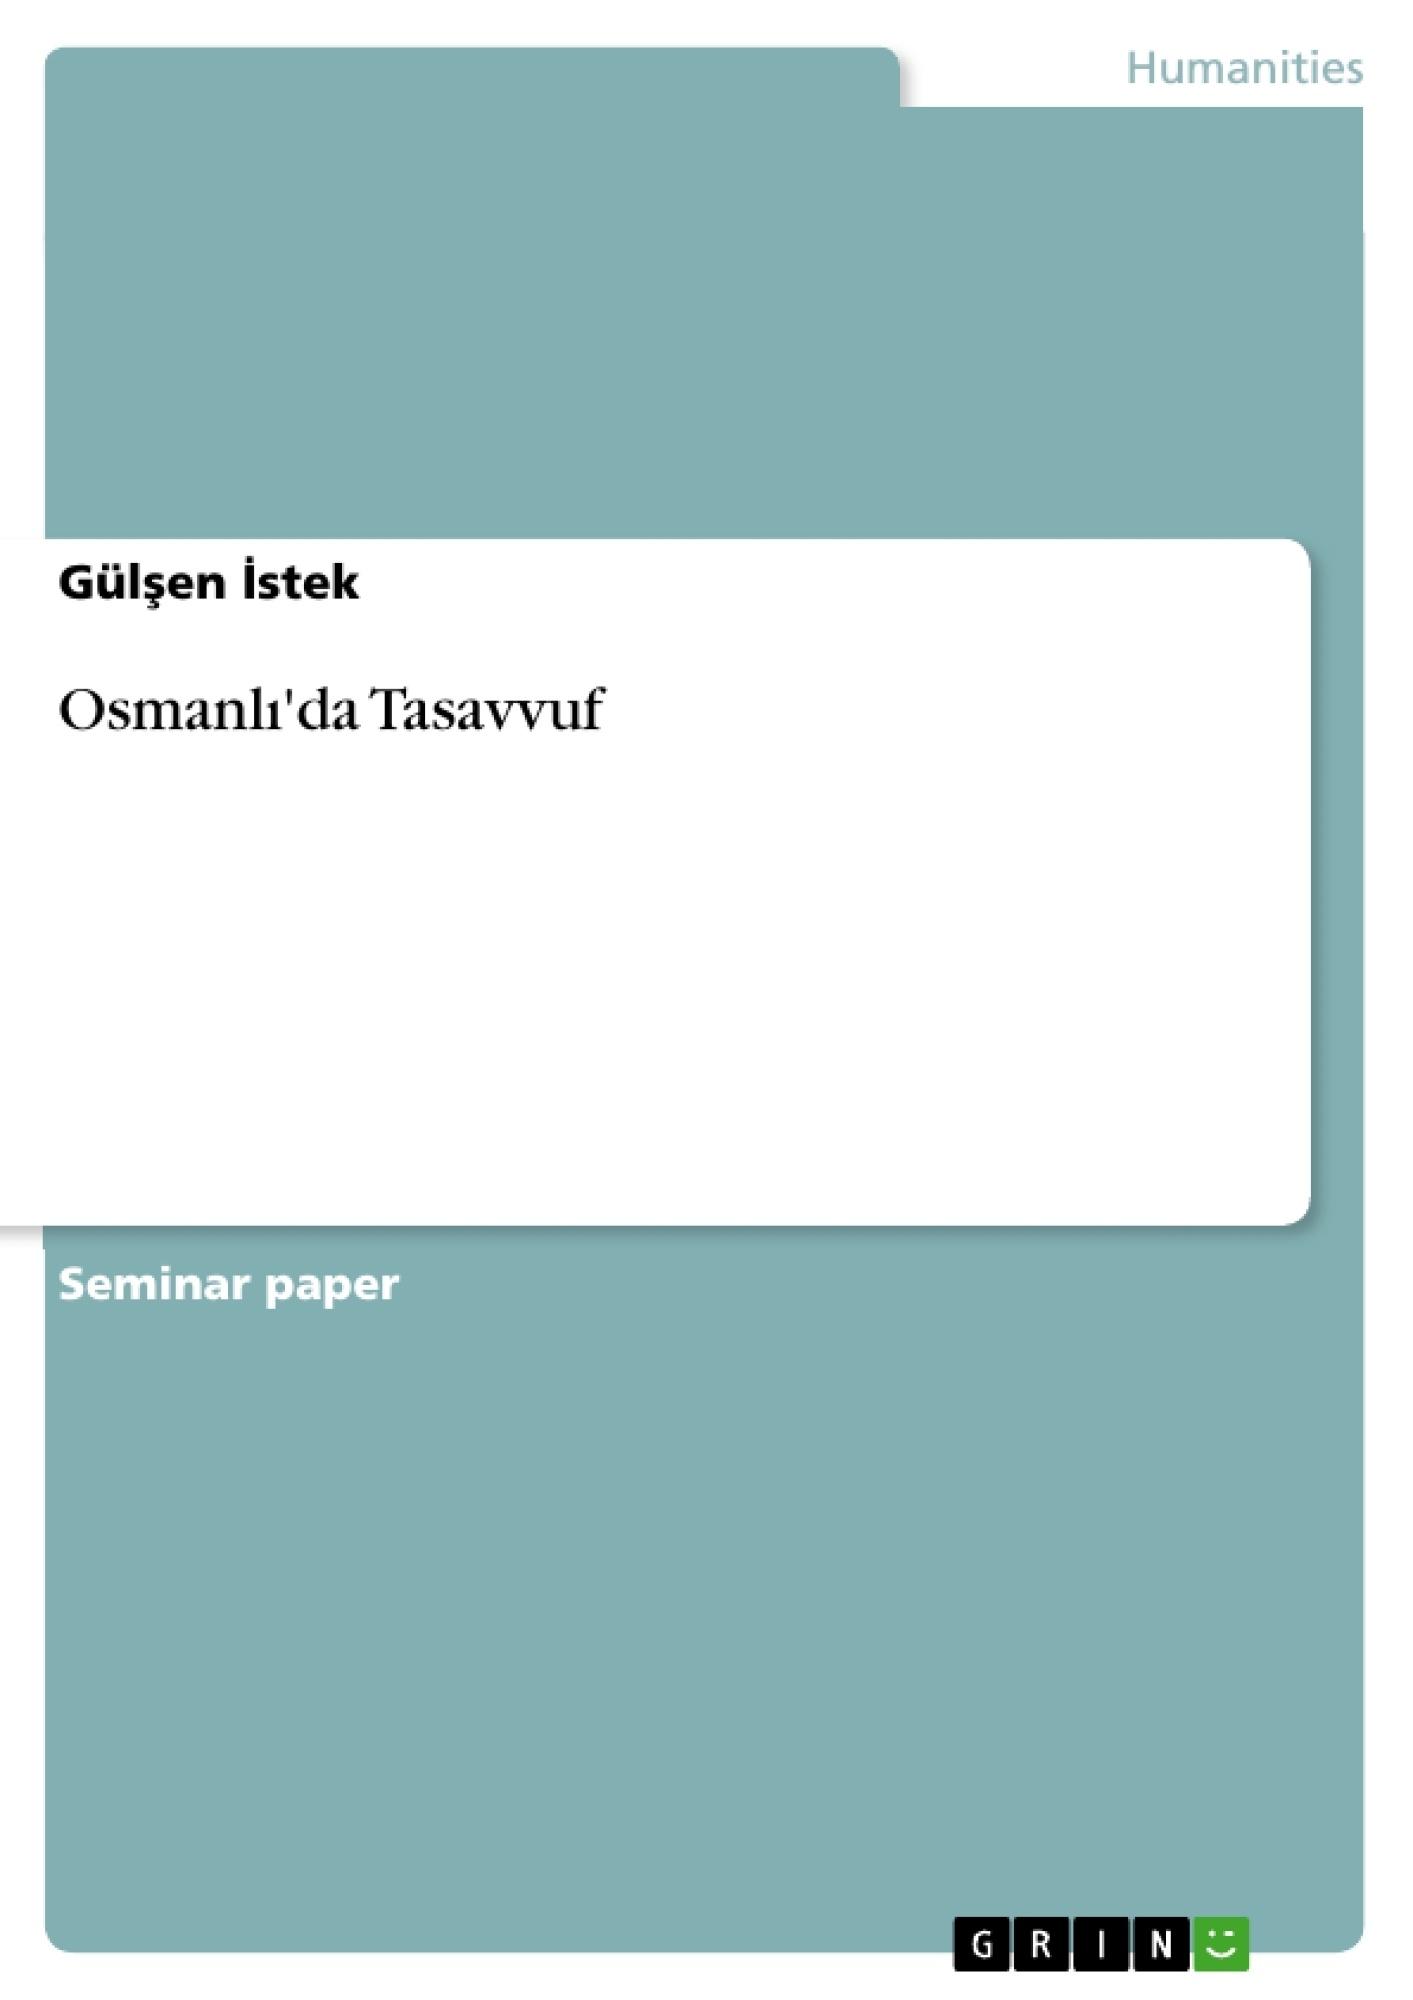 Title: Osmanlı'da Tasavvuf